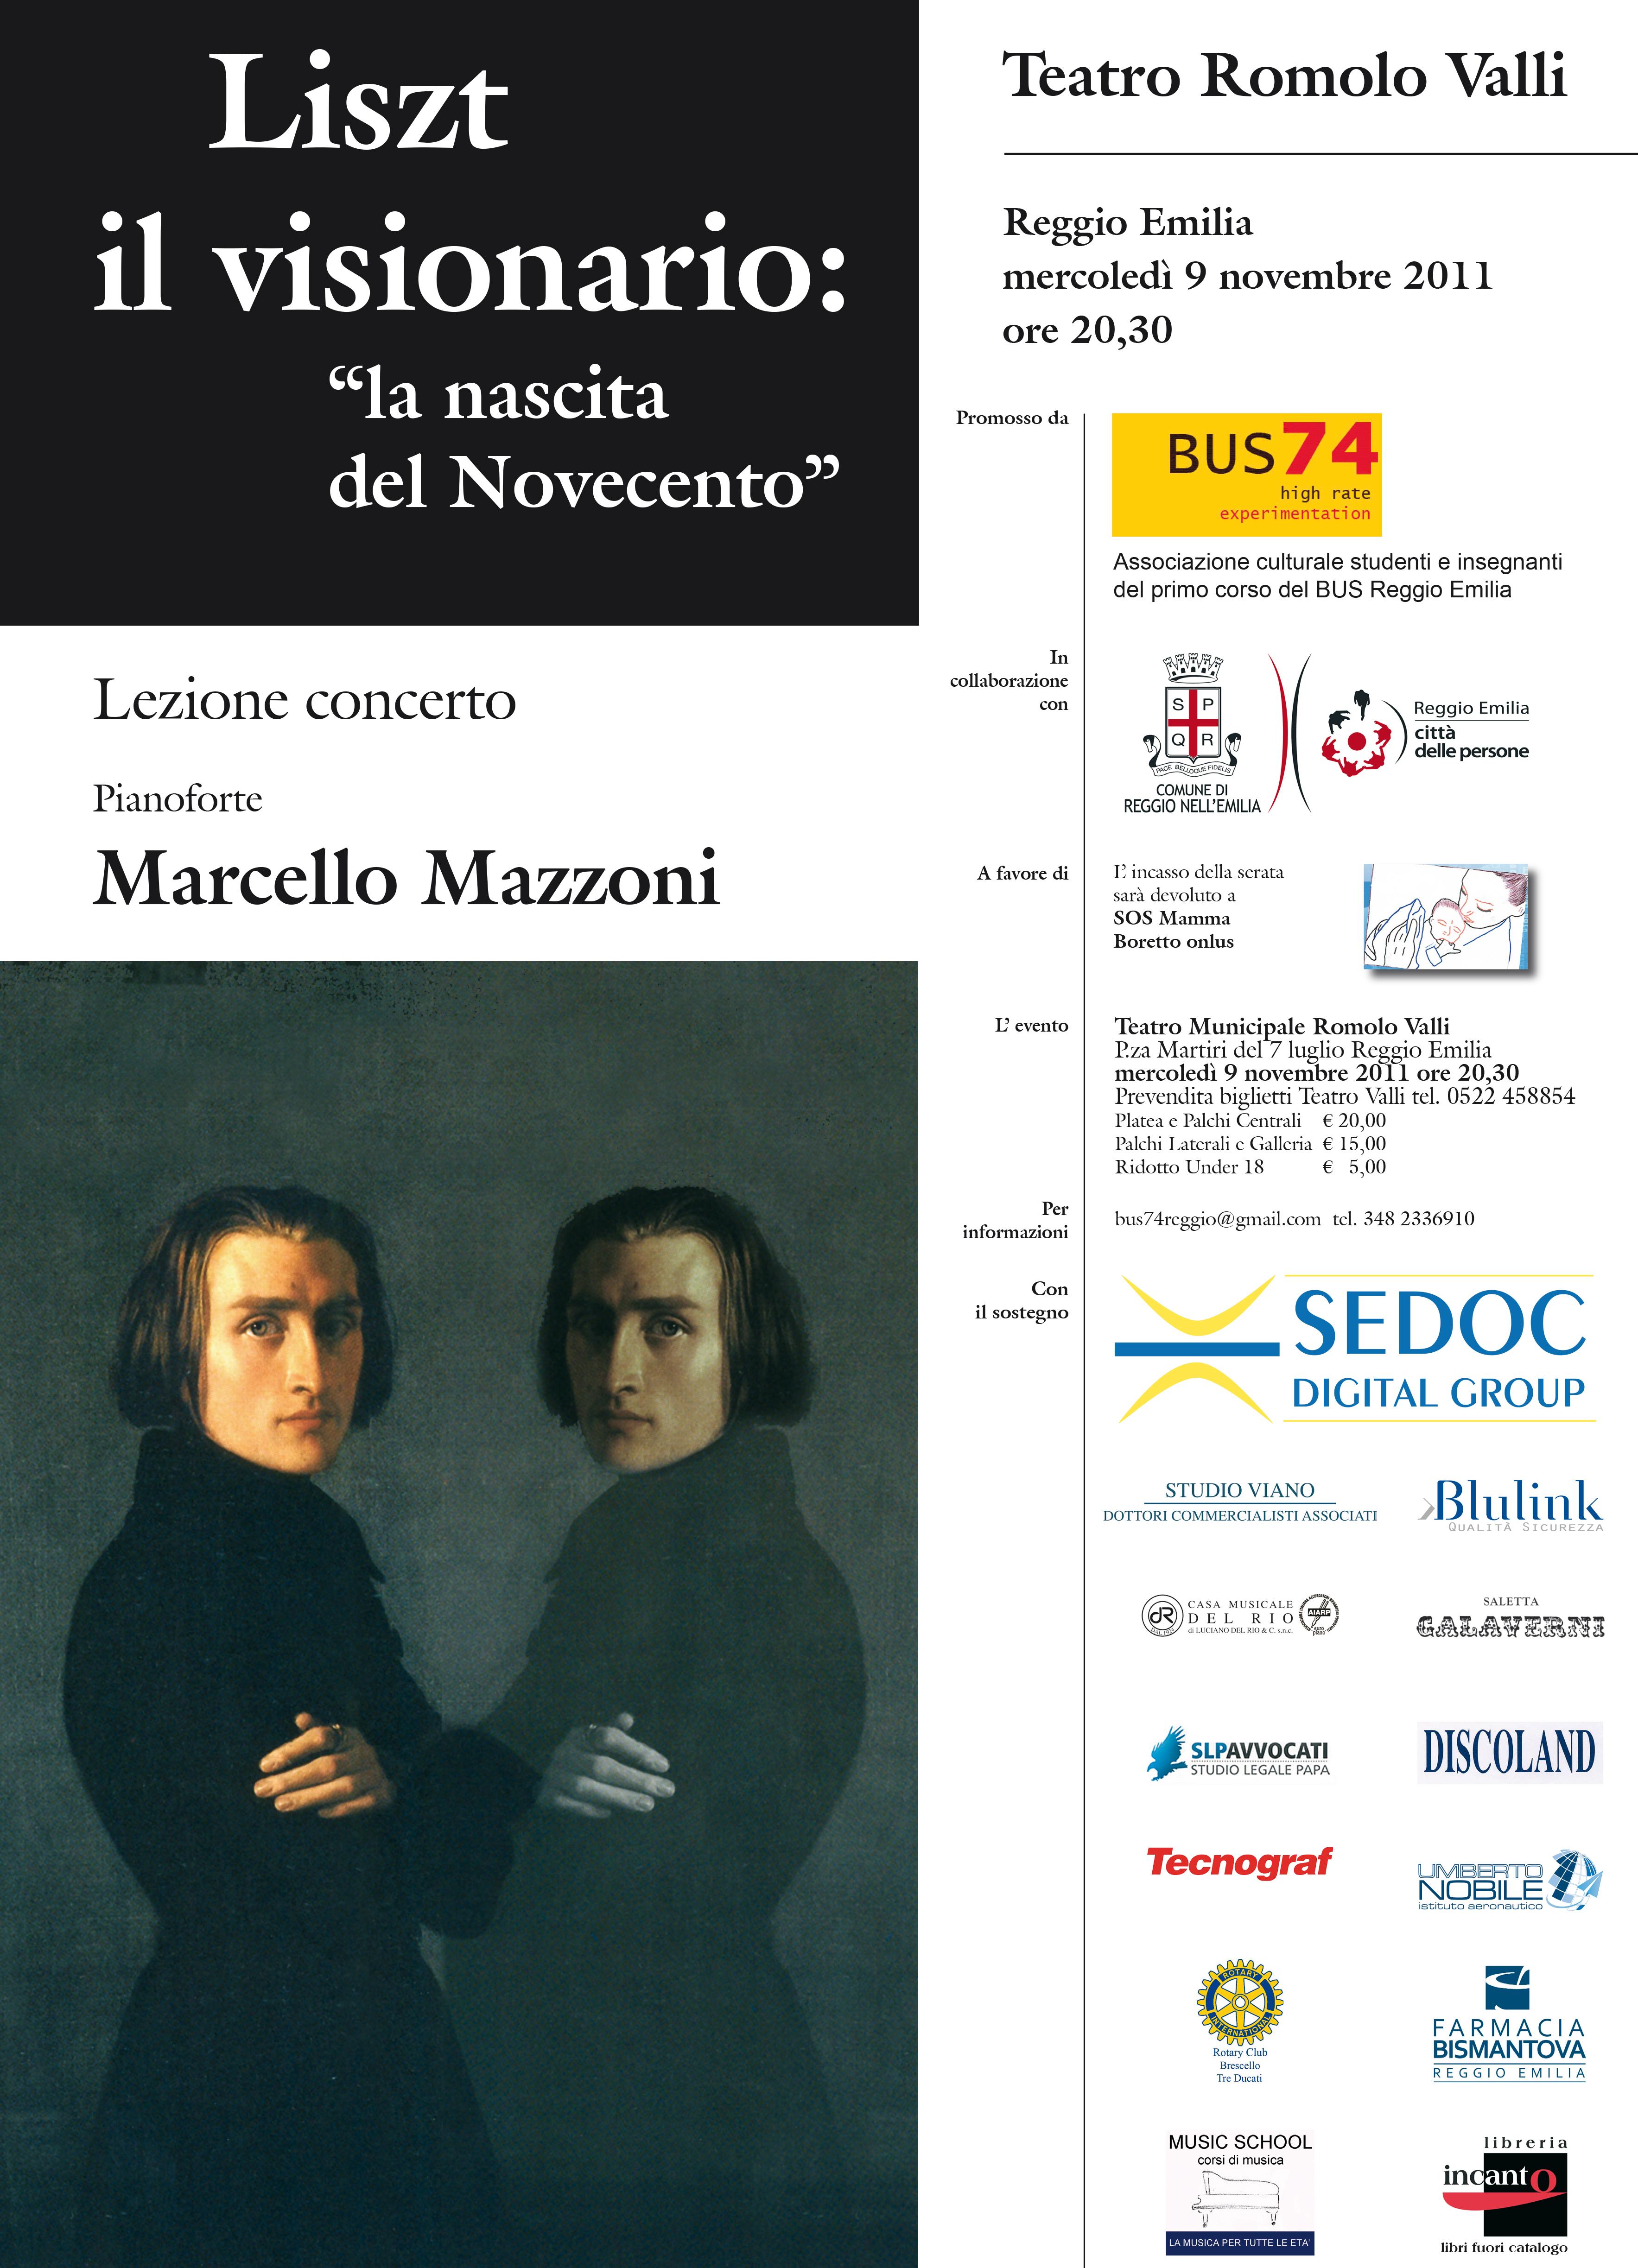 Liszt - Marcello Mazzoni